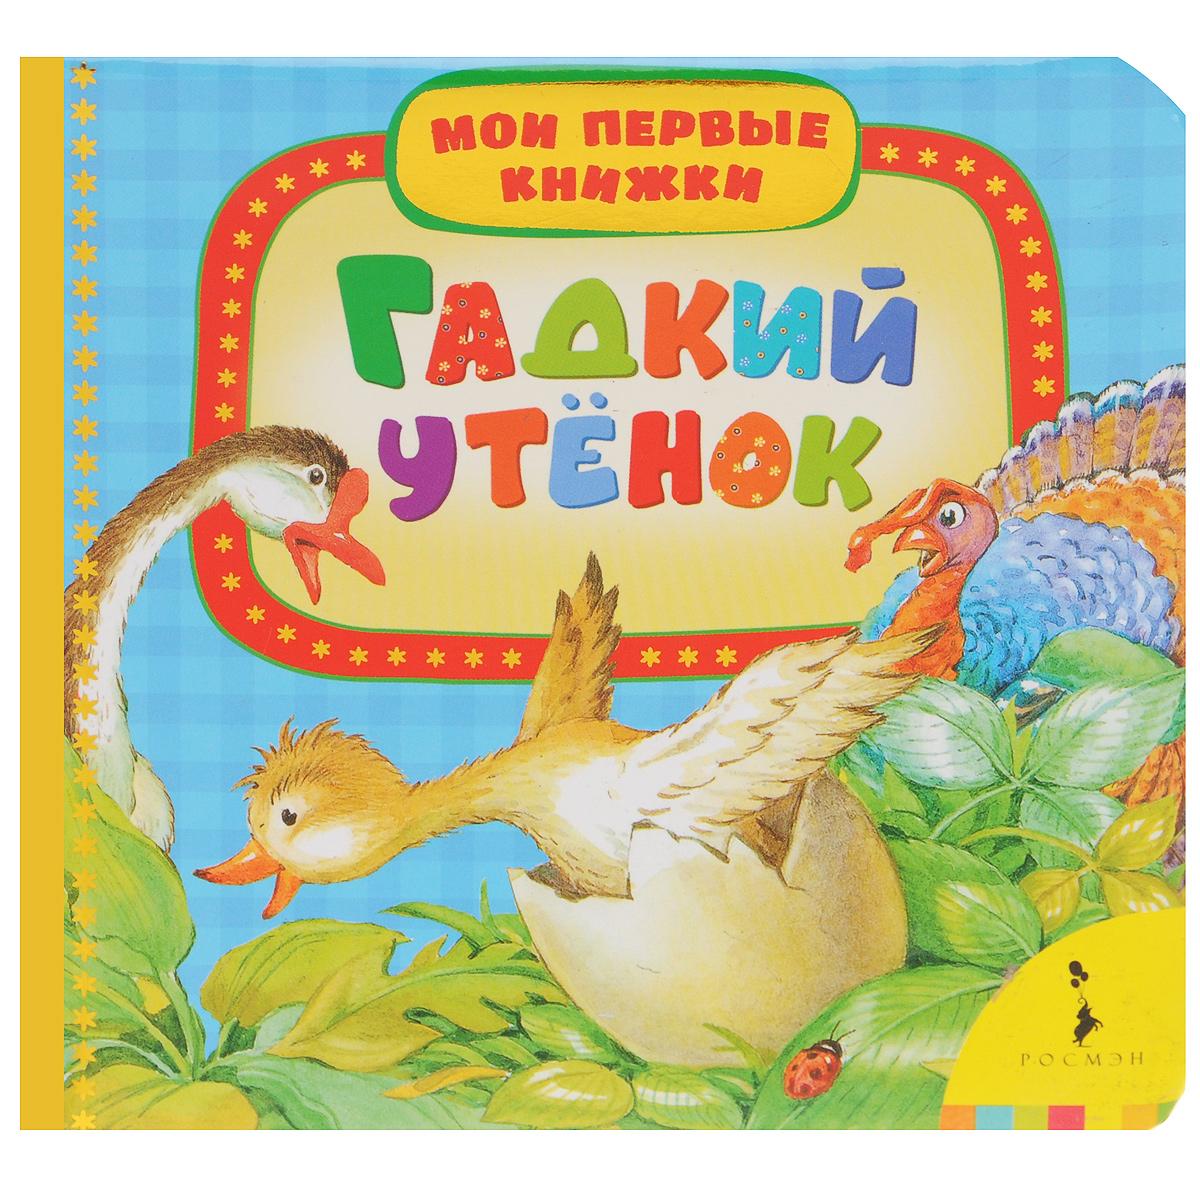 Гадкий утенок12296407Серия МОИ ПЕРВЫЕ КНИЖКИ предназначена для чтения детям до трех лет и включает в себя произведения, подобранные с учётом возраста ребёнка. Любимые сказки, стихи, загадки, песенки и потешки проиллюстрированы талантливыми художниками. Книги с красочными рисунками помогут приобщить малыша к чтению и разовьют его кругозор. Лучшие произведения для малышей; Любимые детские писатели; Яркие иллюстрации; Удобный и безопасный формат книги.